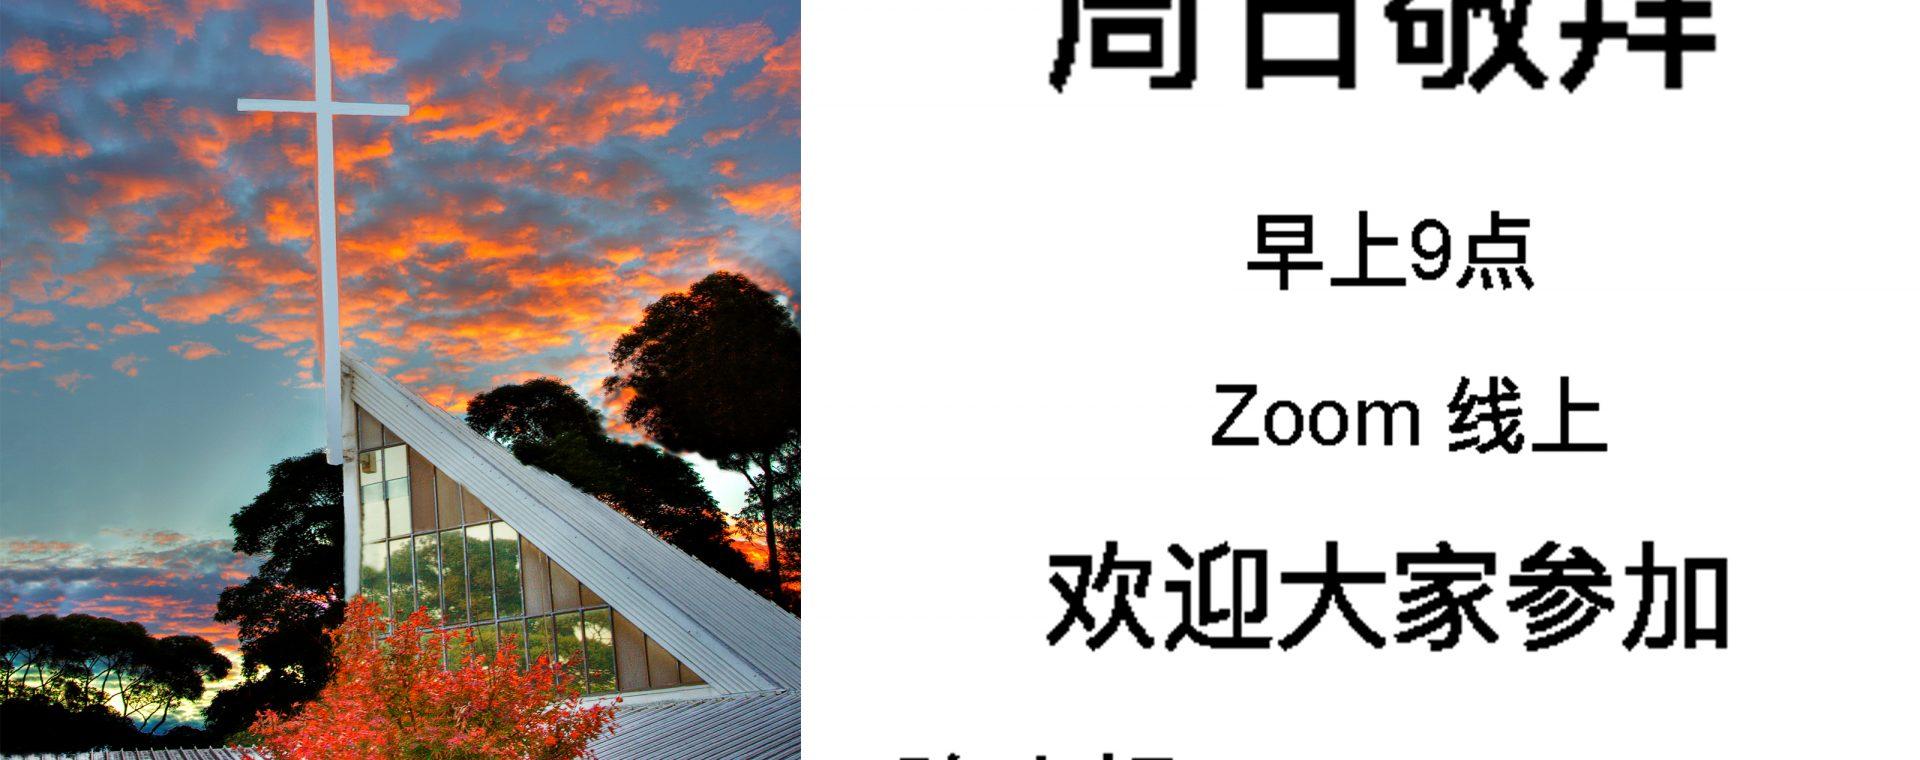 worship info Chinese community